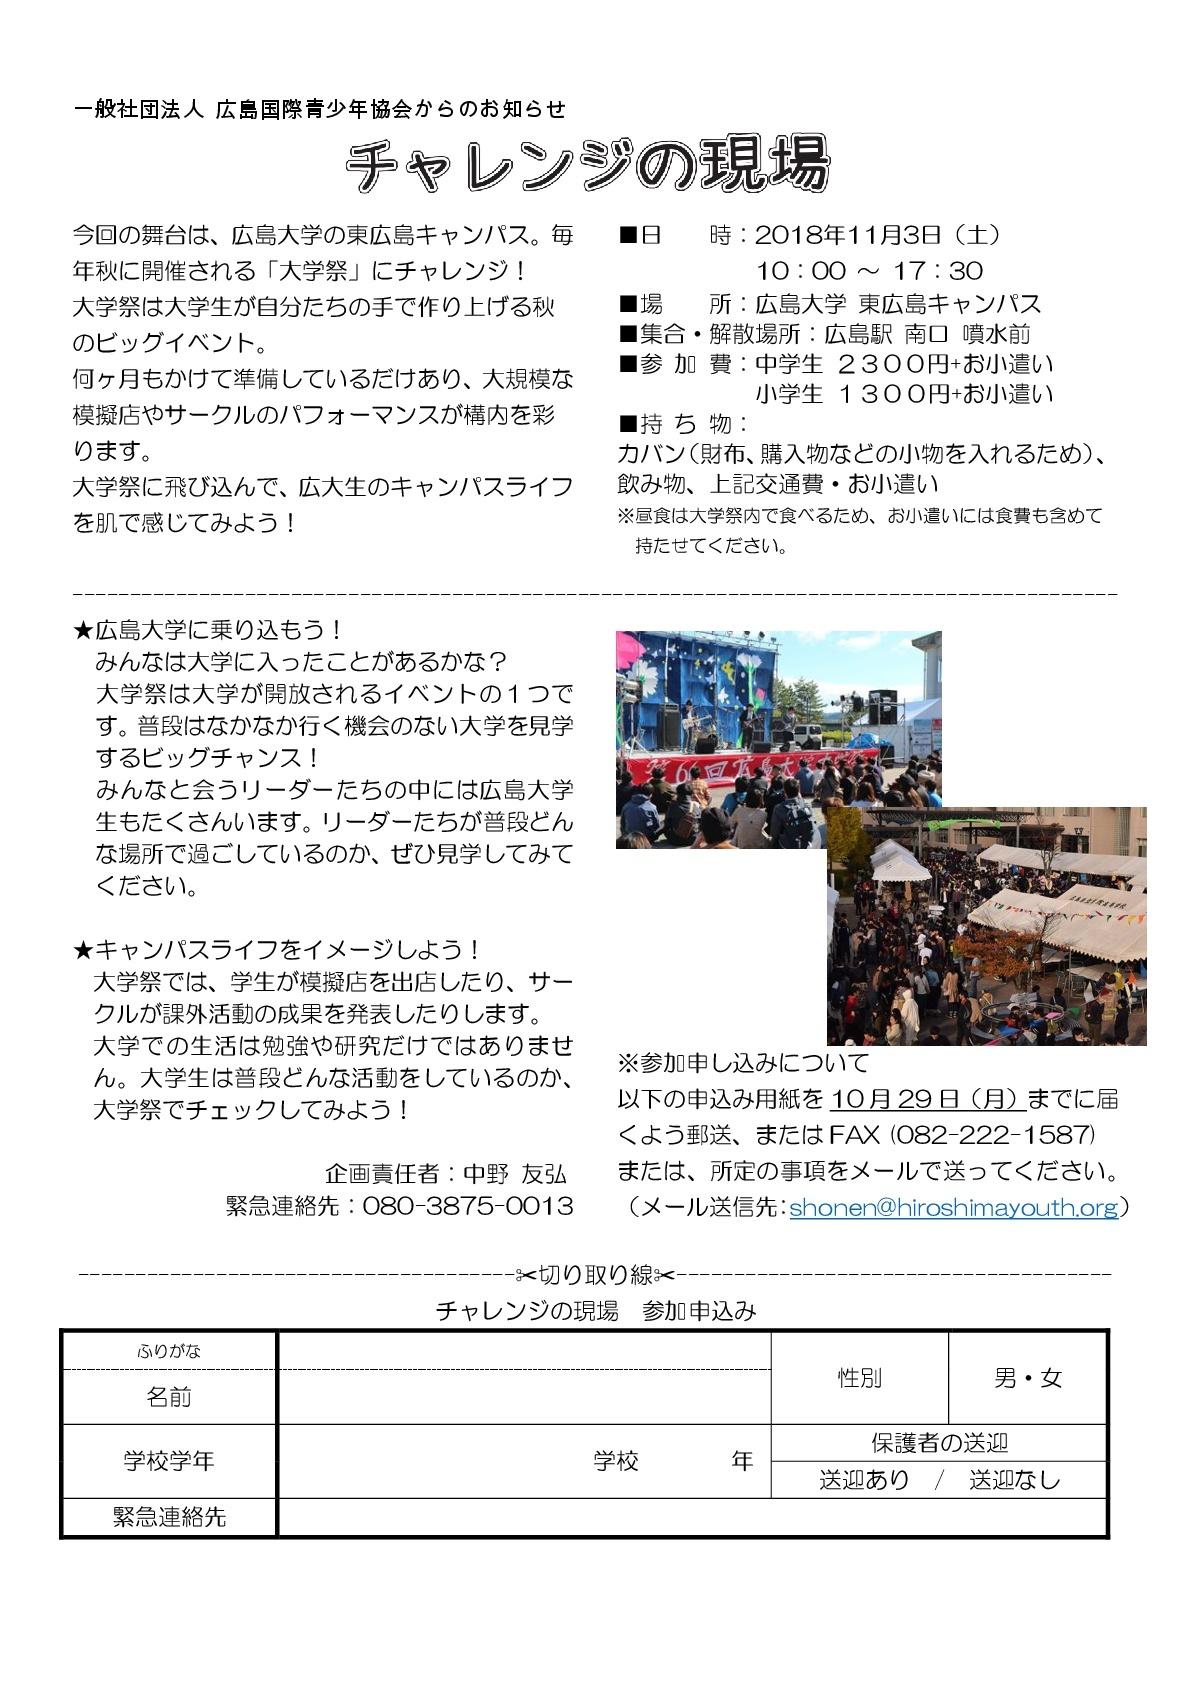 20181103チャレンジの現場_お知らせ-001.jpg